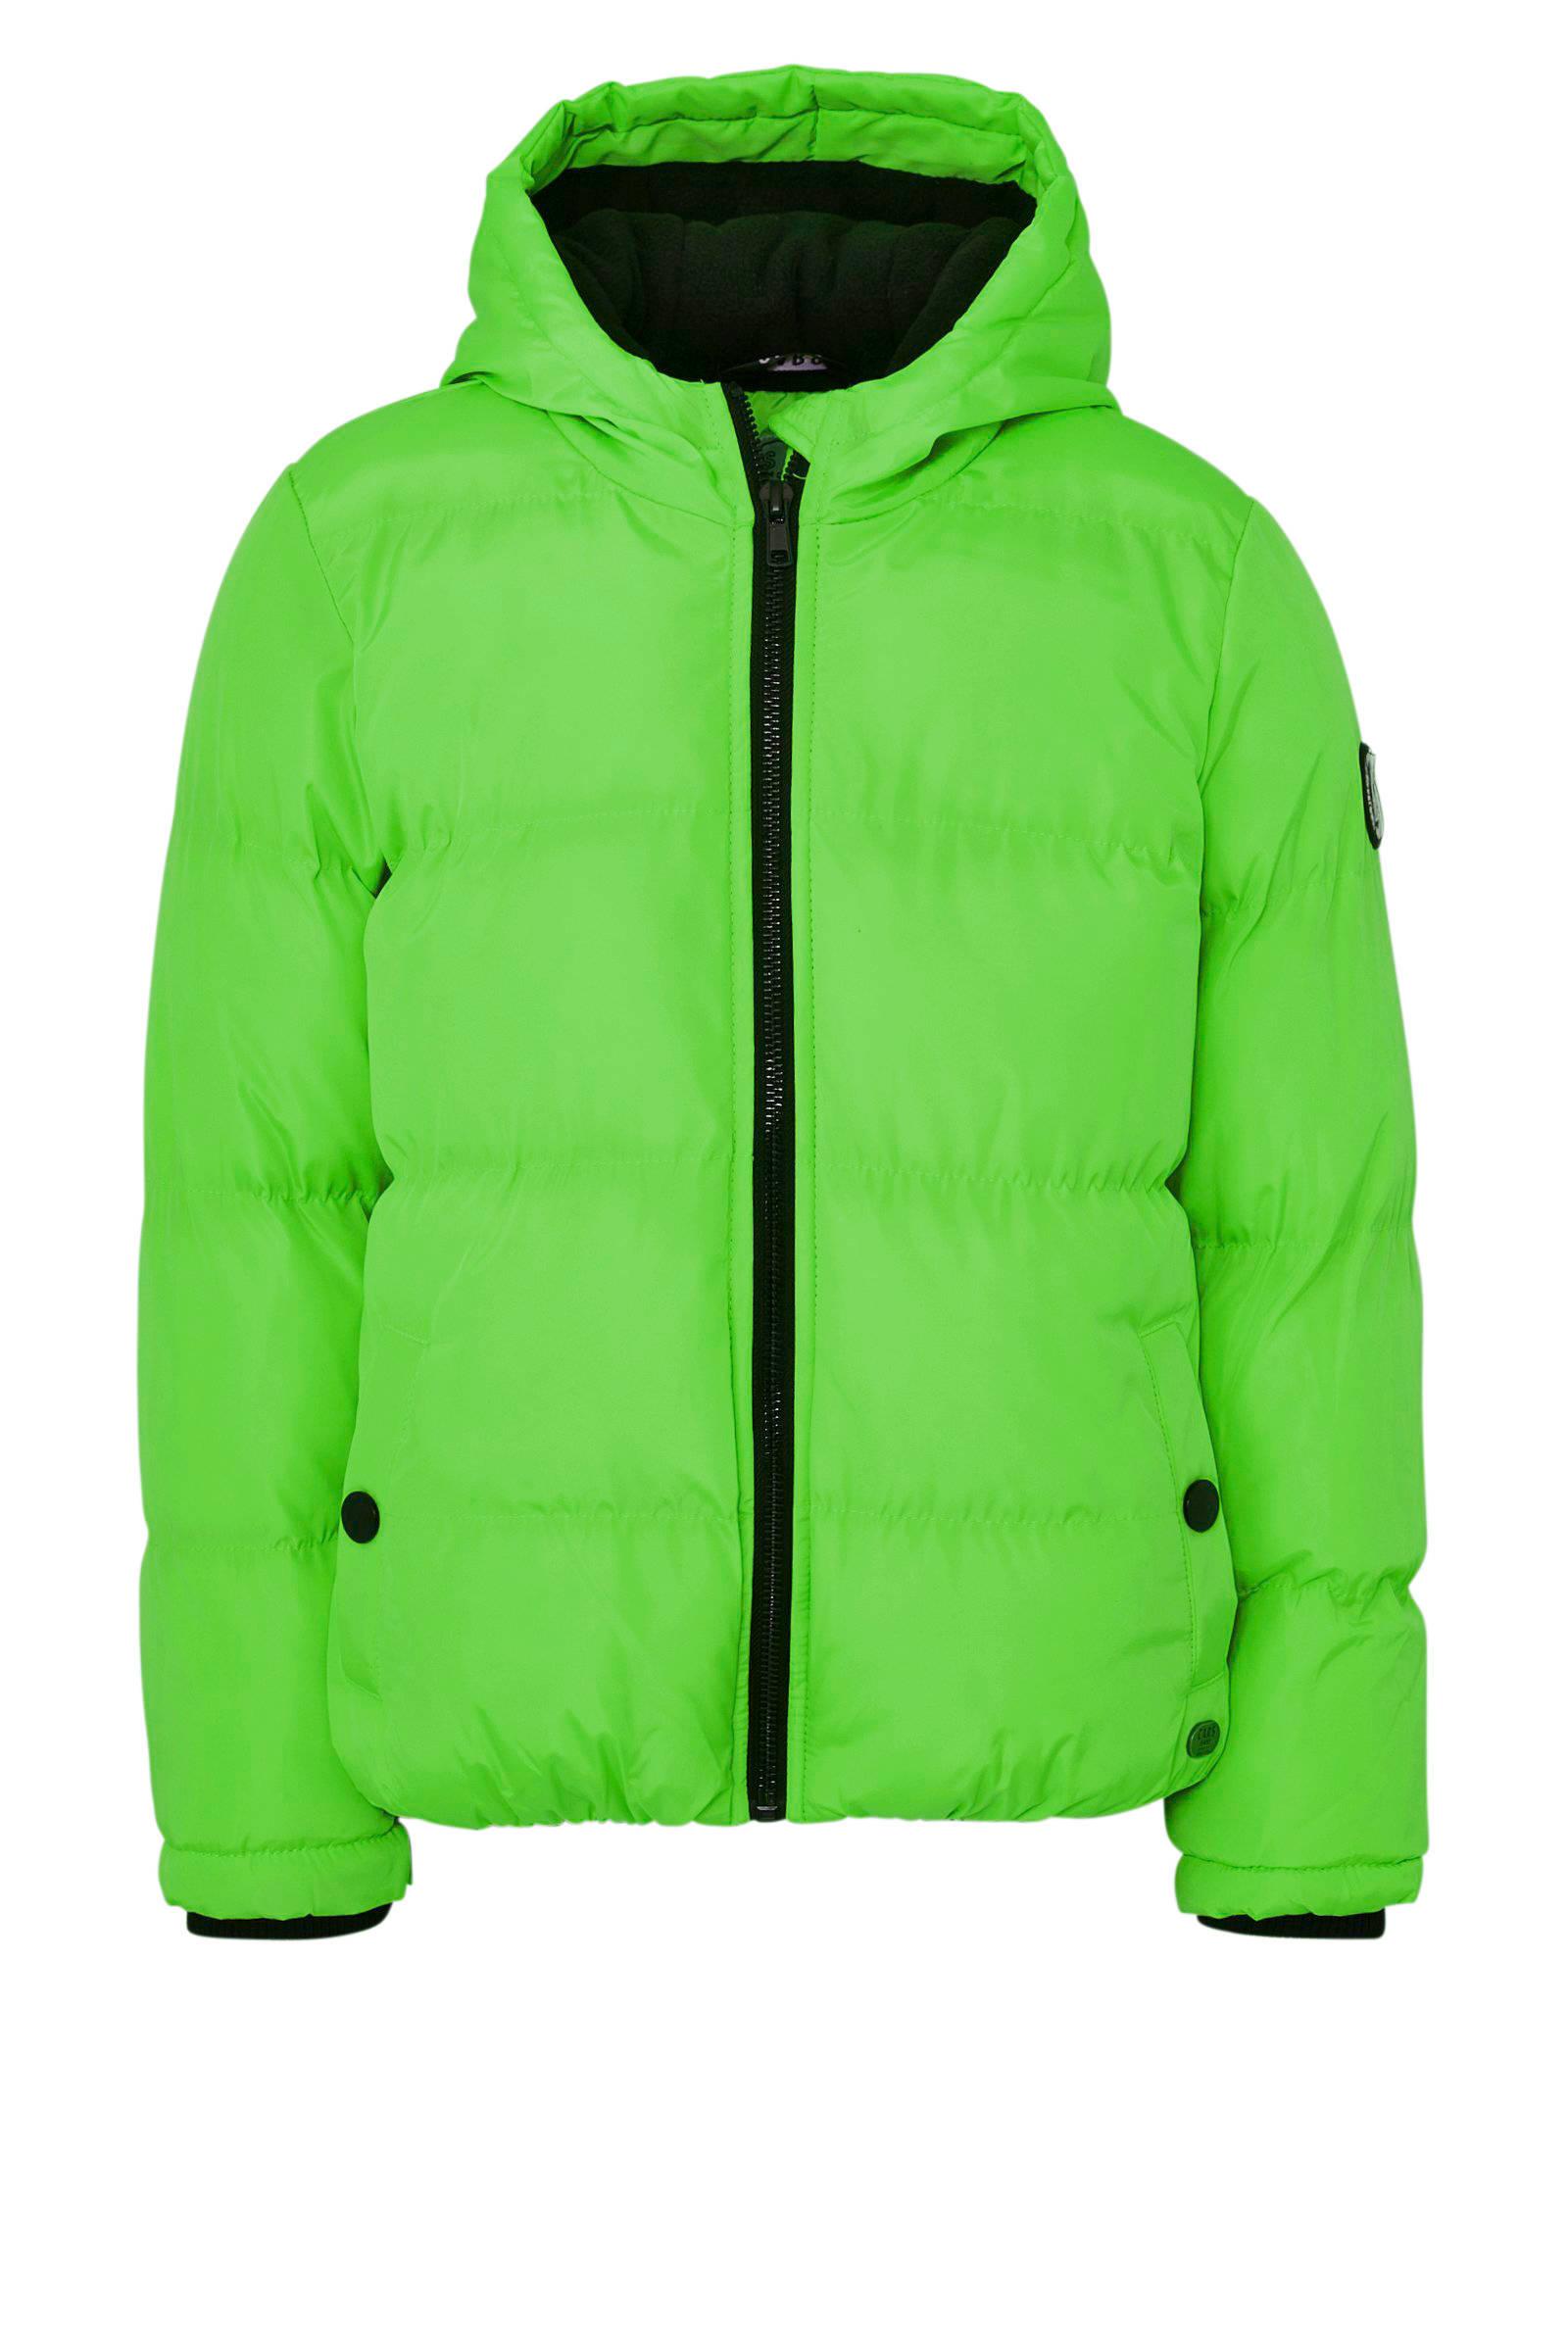 Dames jas lange mouw in groen in 2019 | Coat, Jackets, Clothes